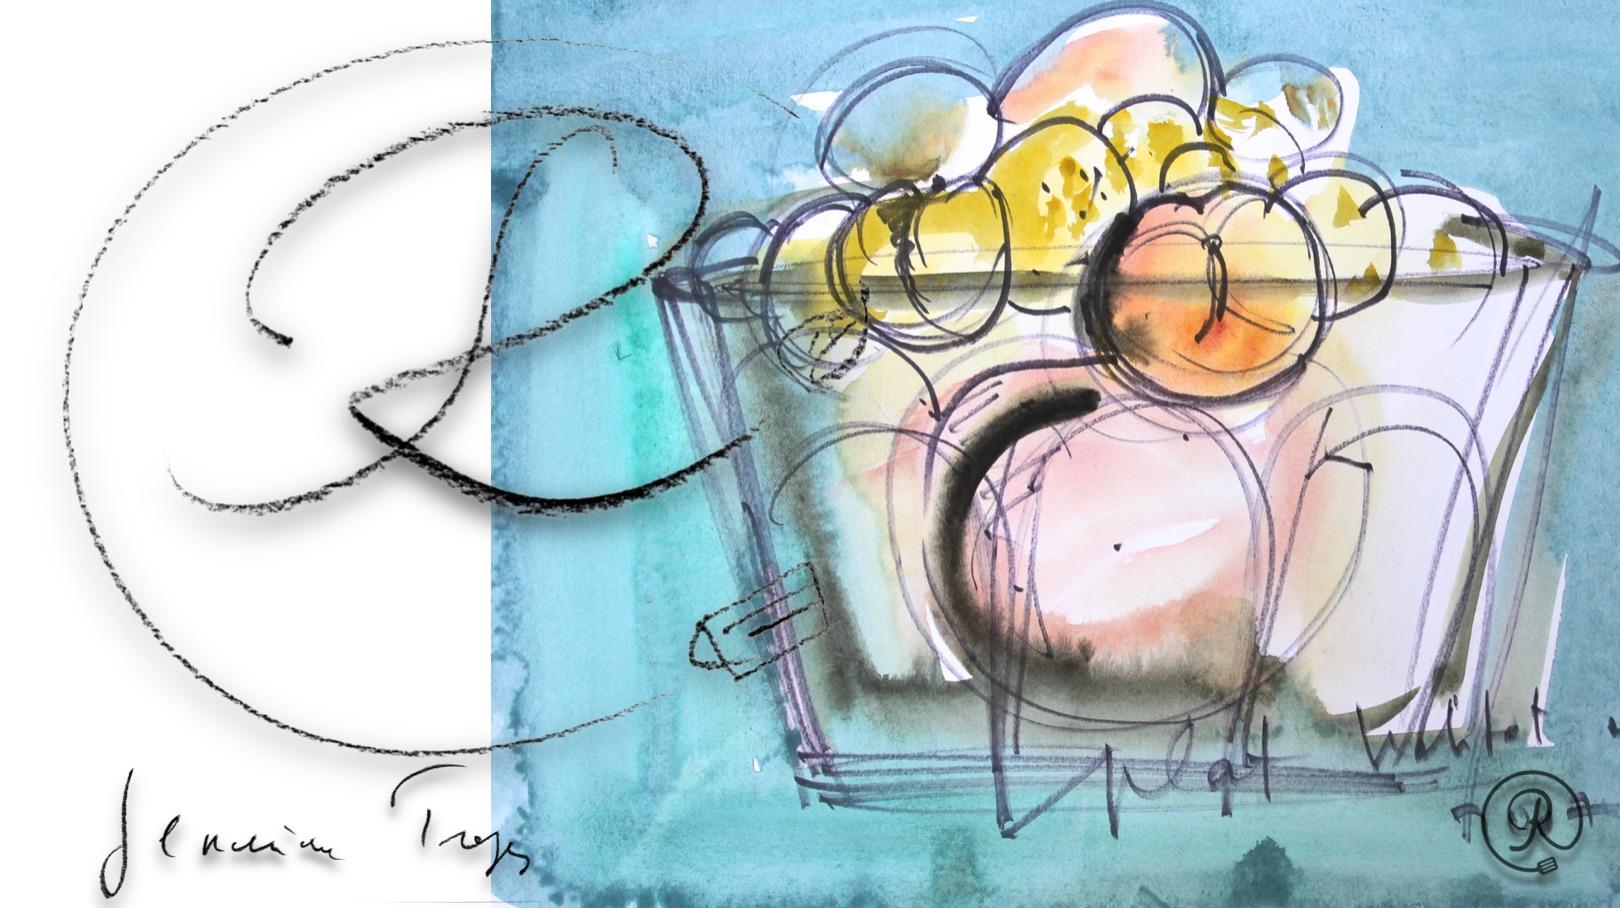 compotier-fresque-blog